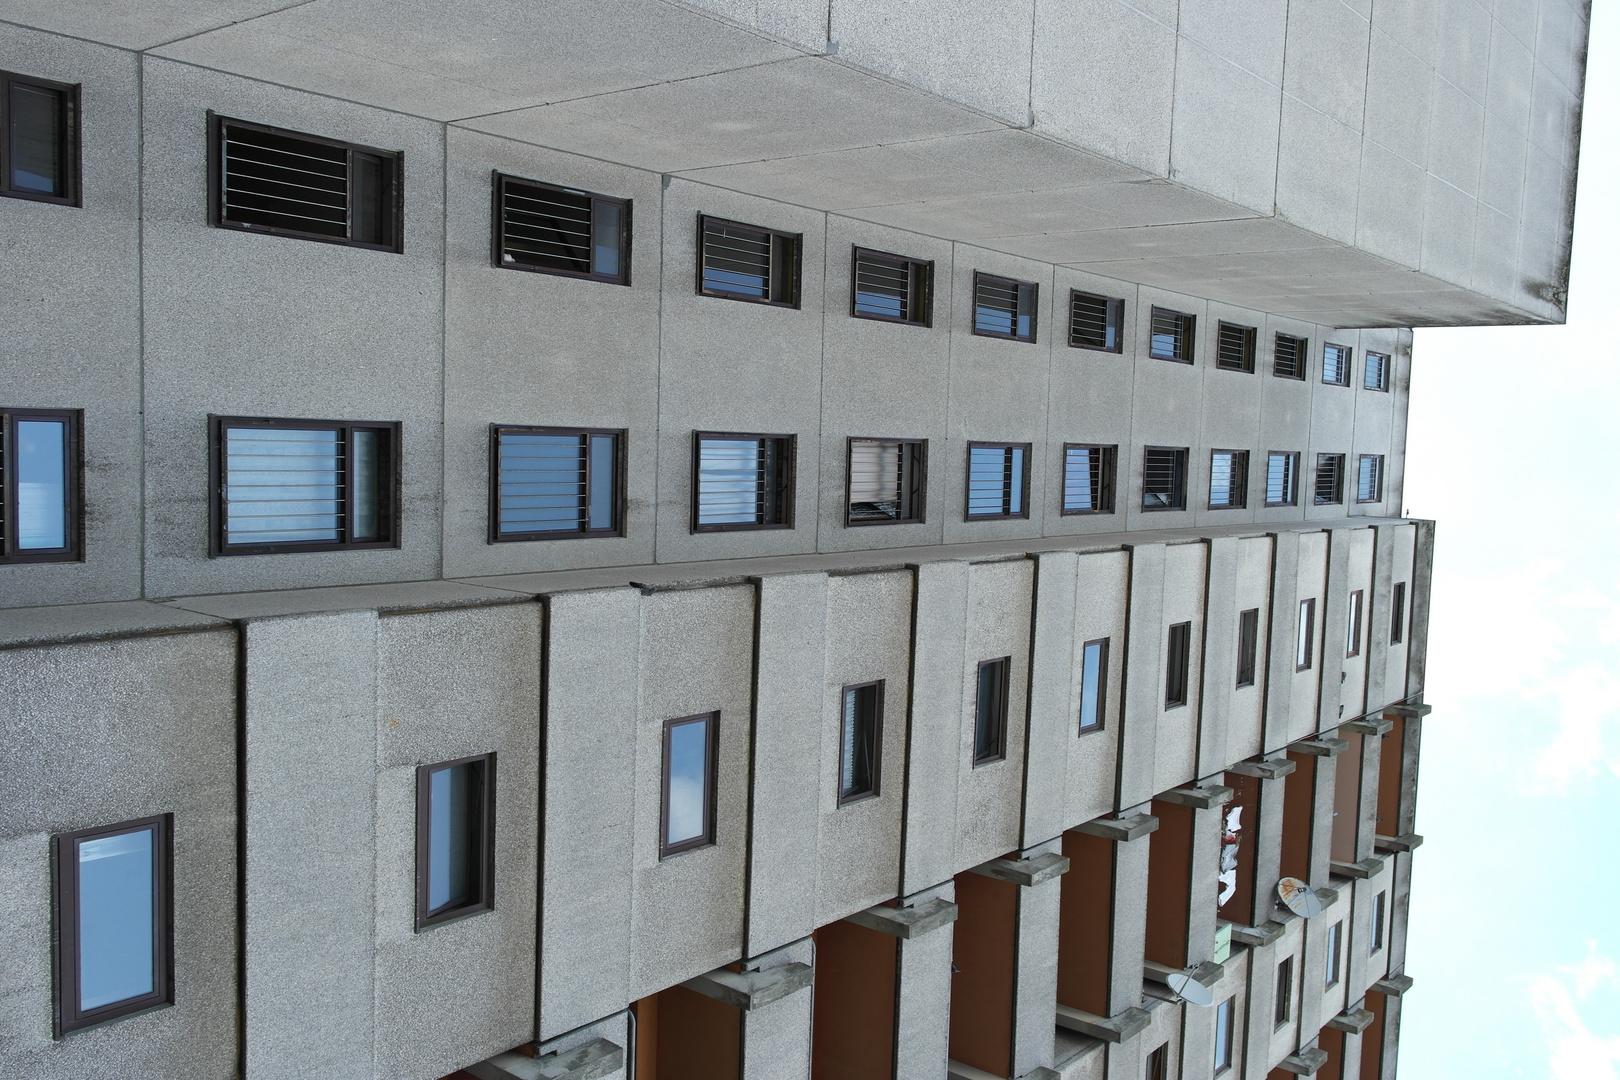 Wohngebäude in Mümmelmannsberg (Hamburg)